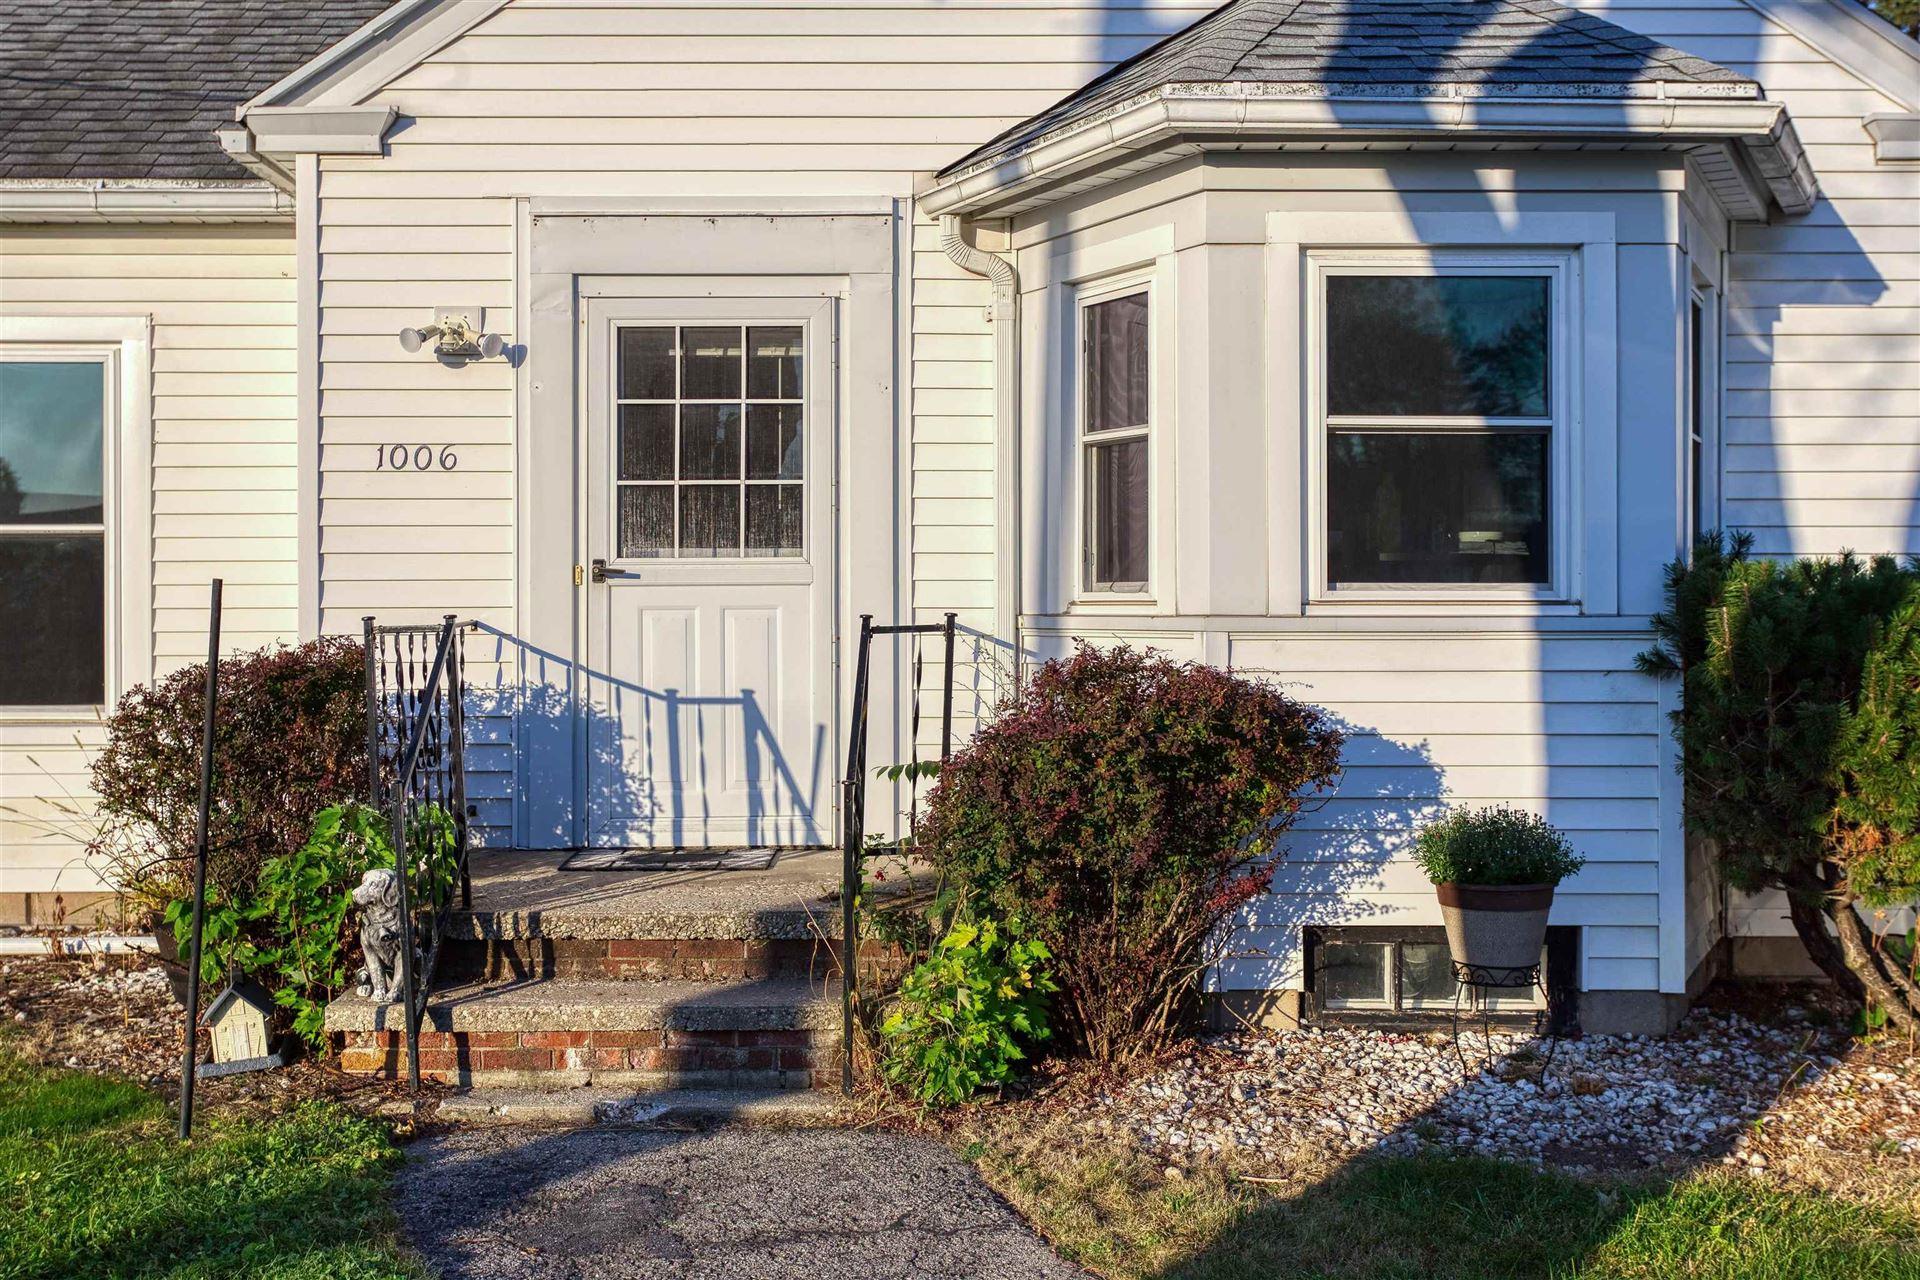 1006 N BADGER Avenue, Appleton, WI 54914 - MLS#: 50248291